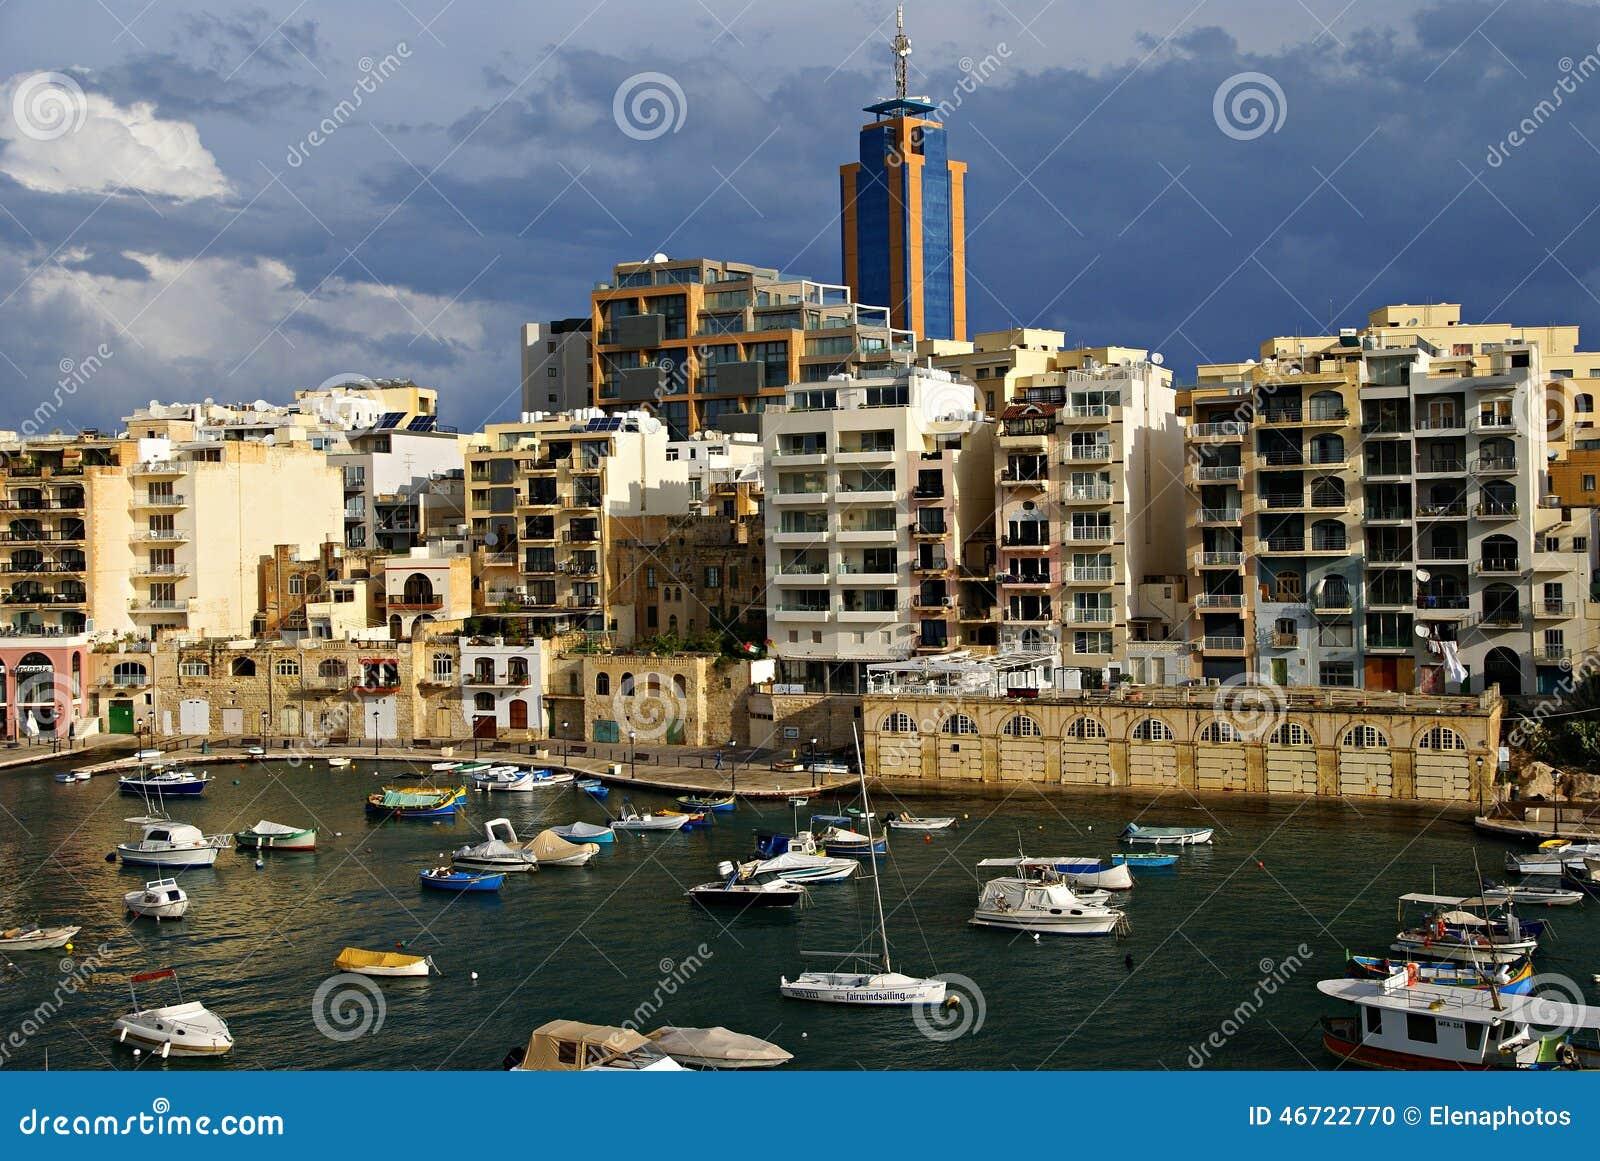 7 novembre - giorno del ciclone Mediterraneo a Malta